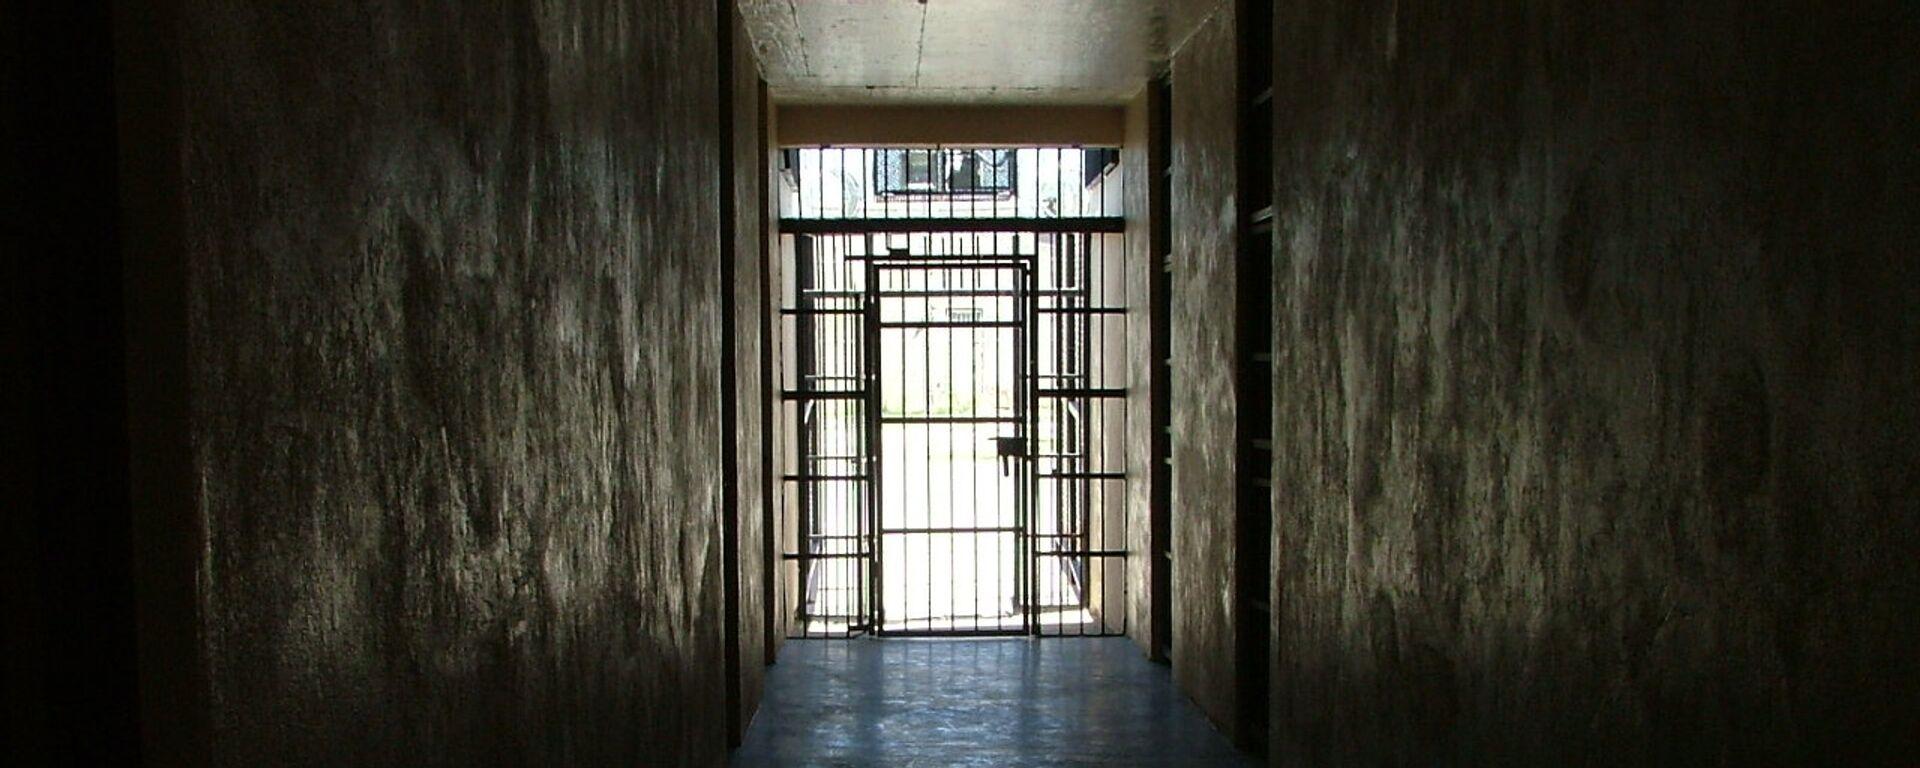 Una cárcel (imagen referencial) - Sputnik Mundo, 1920, 12.02.2021